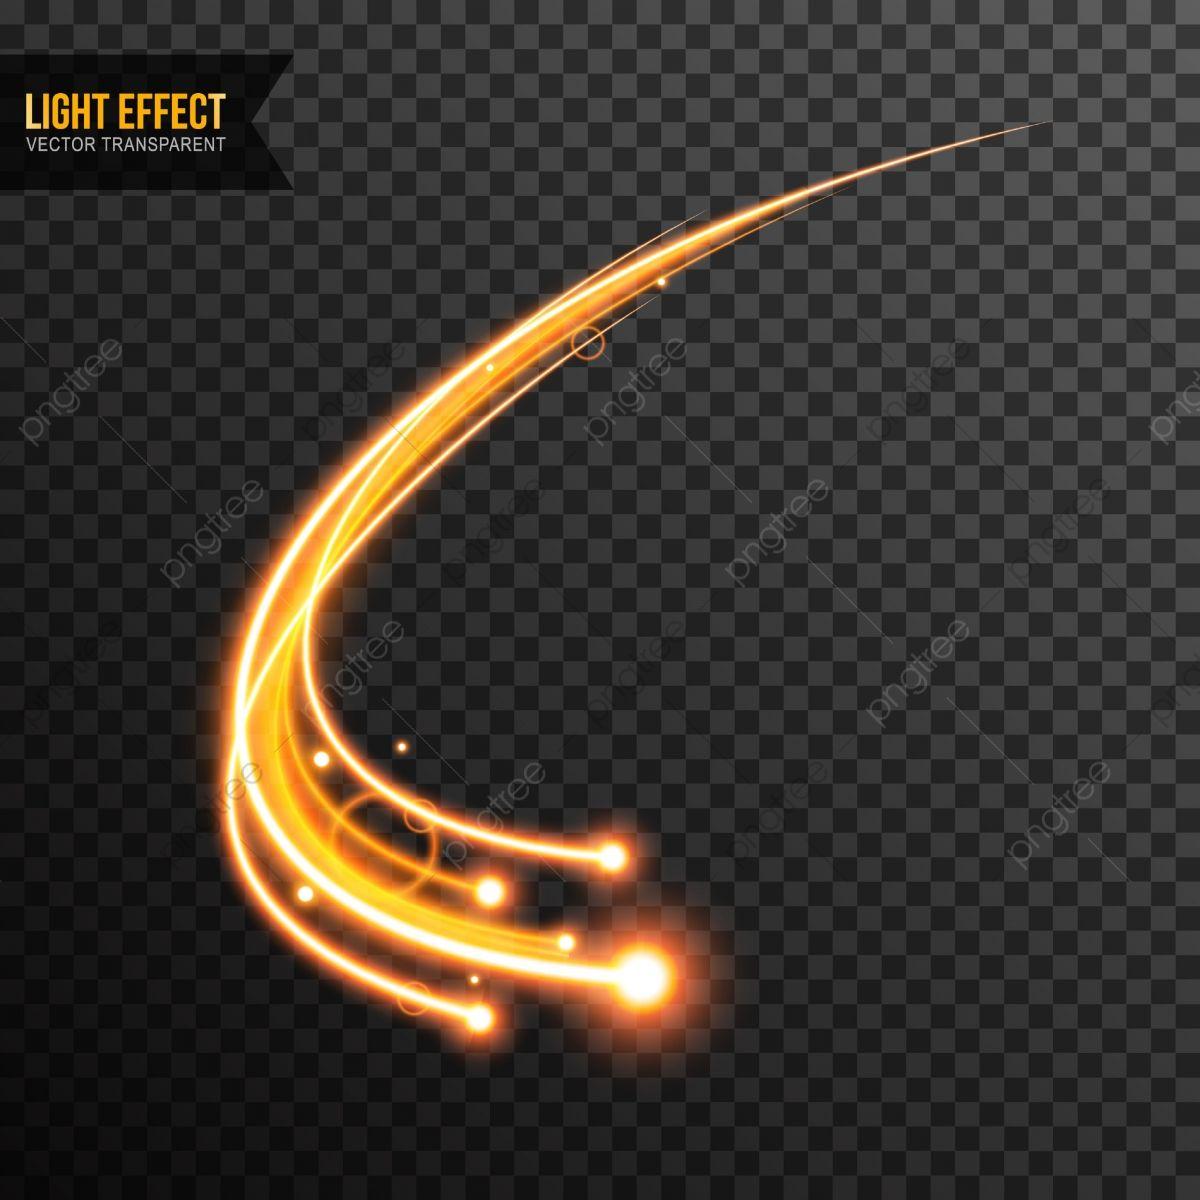 Vetor De Efeito De Luz Brilho Transparente Com Redemoinho De Linha Dourada Leve Efeito Flare Imagem Png E Vetor Para Download Gratuito Graphic Design Background Templates Light Effect Free Vector Graphics